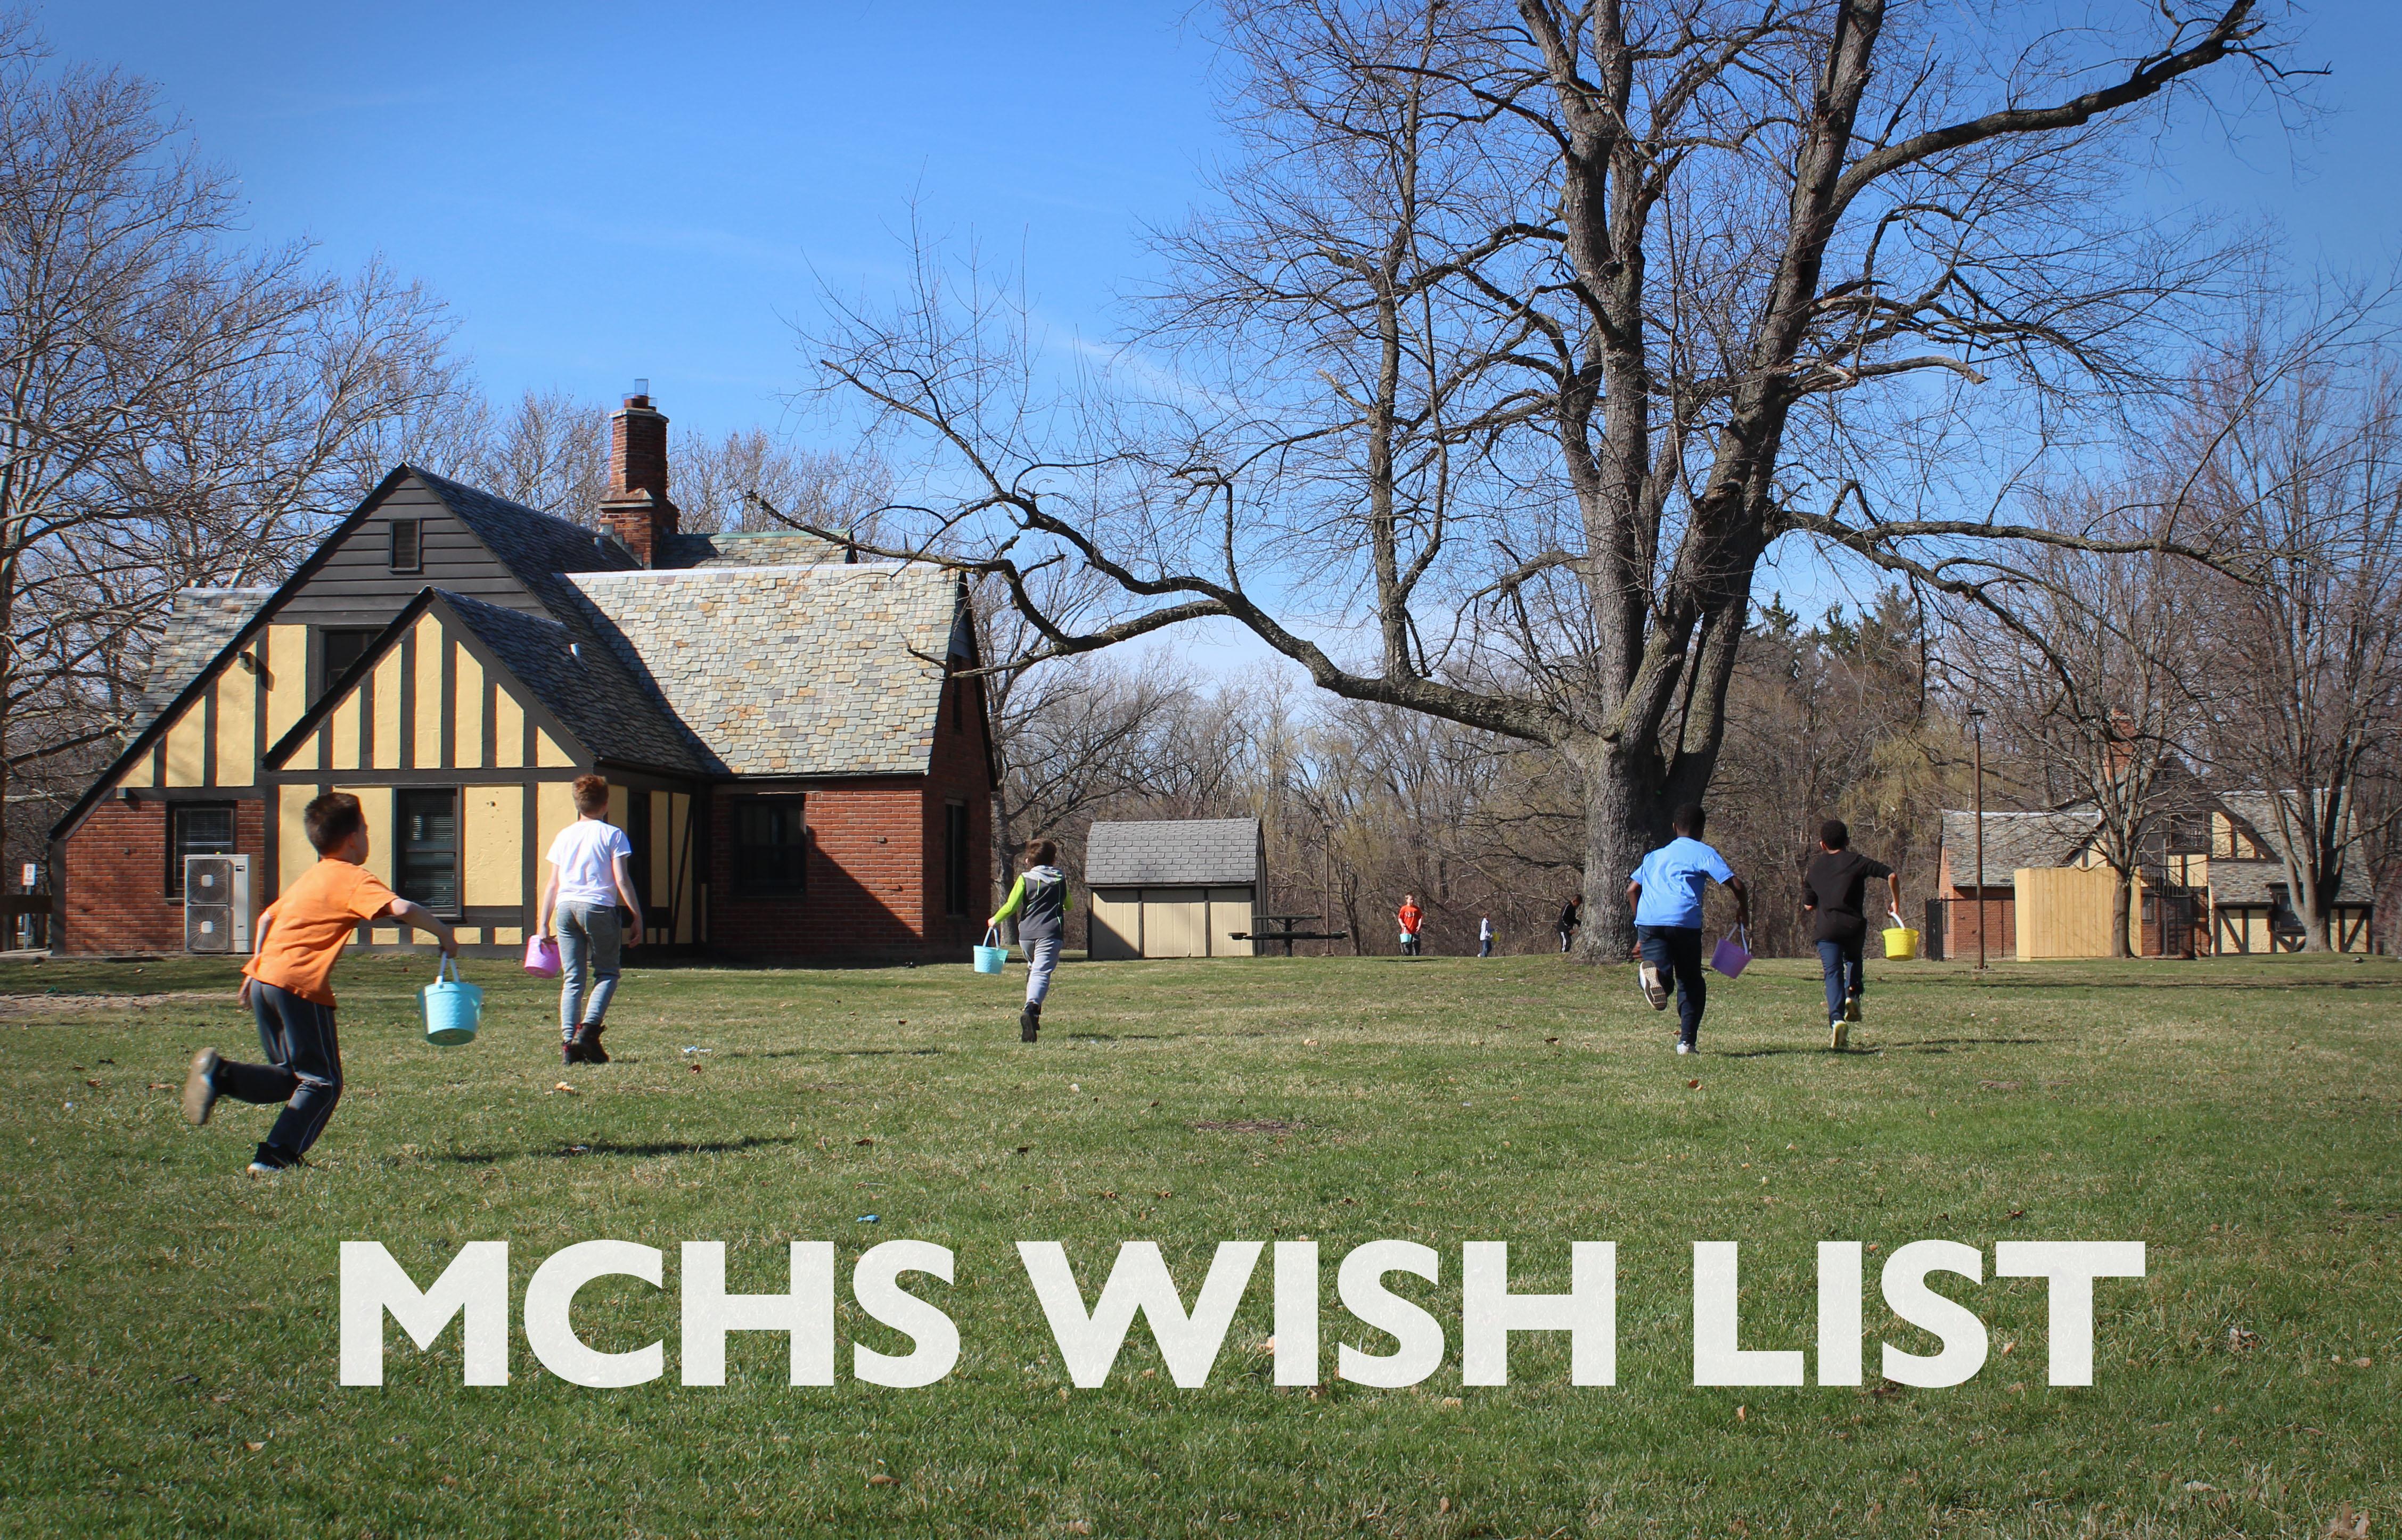 MCHS Wish List